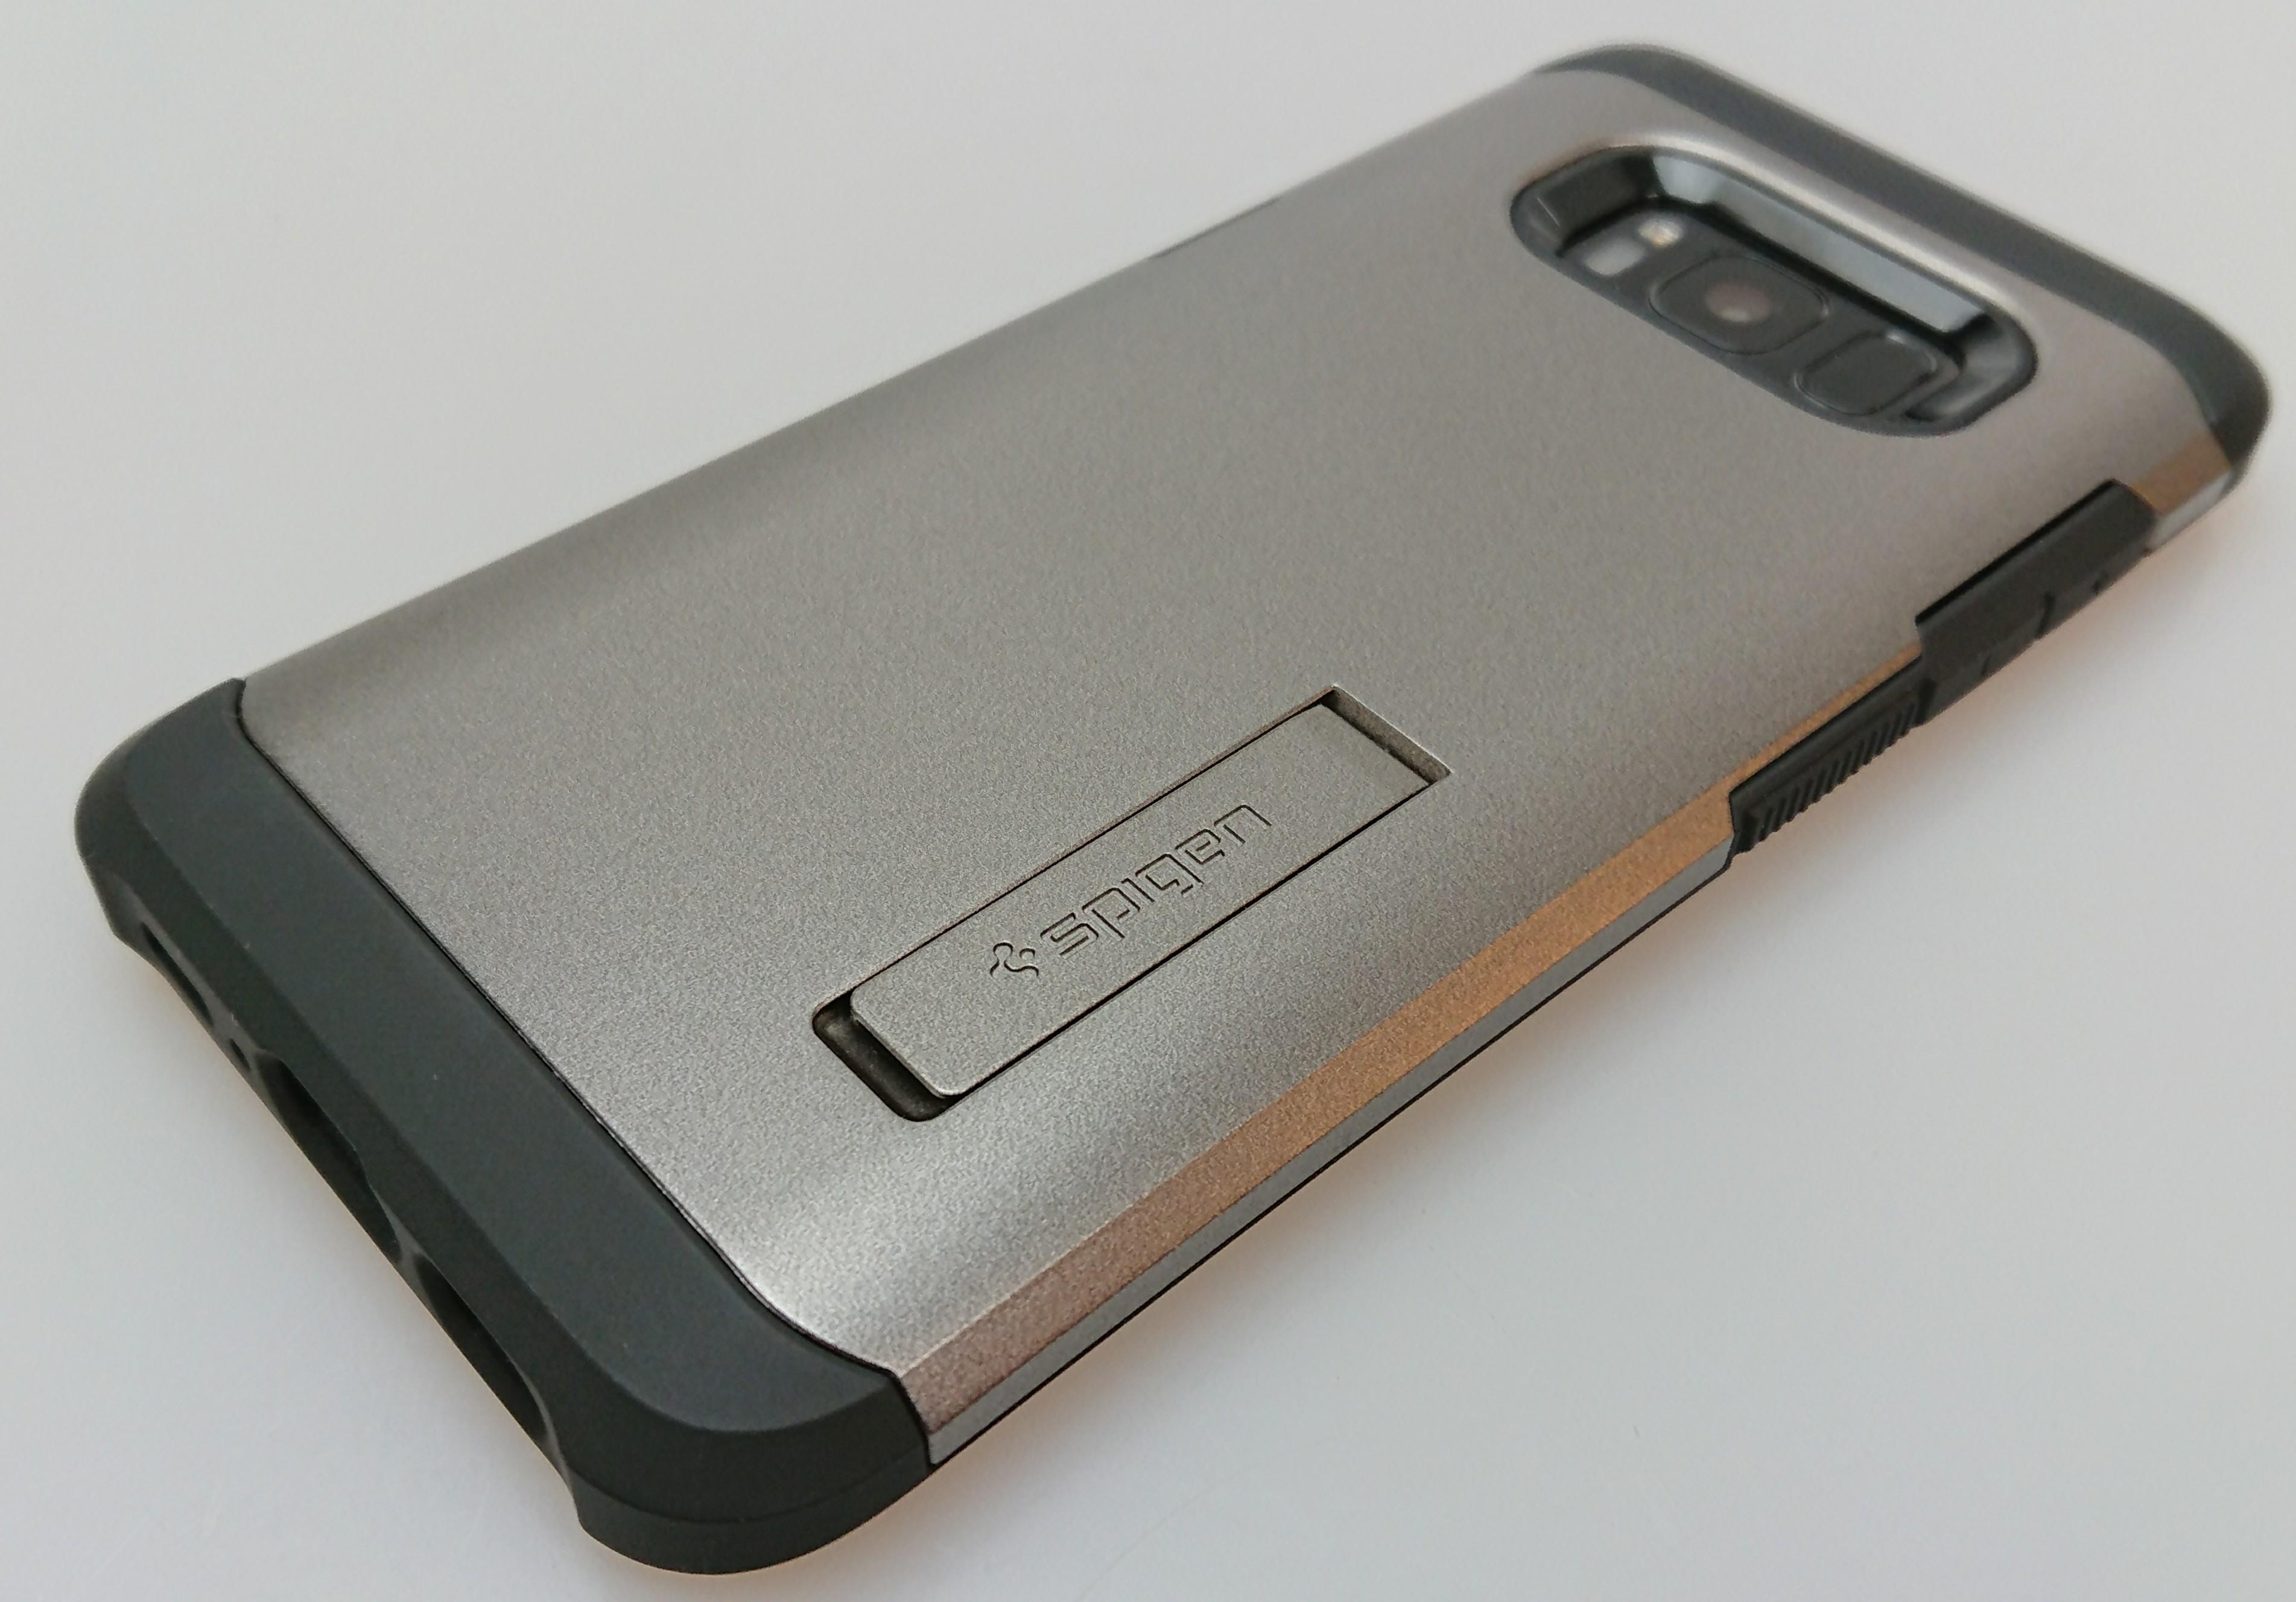 『Galaxy S8』に最適な本当は教えたくない最高のオススメケースはコレだ!Spigen タフ・アーマーは圧巻の使い心地と安心感ある衝撃吸収